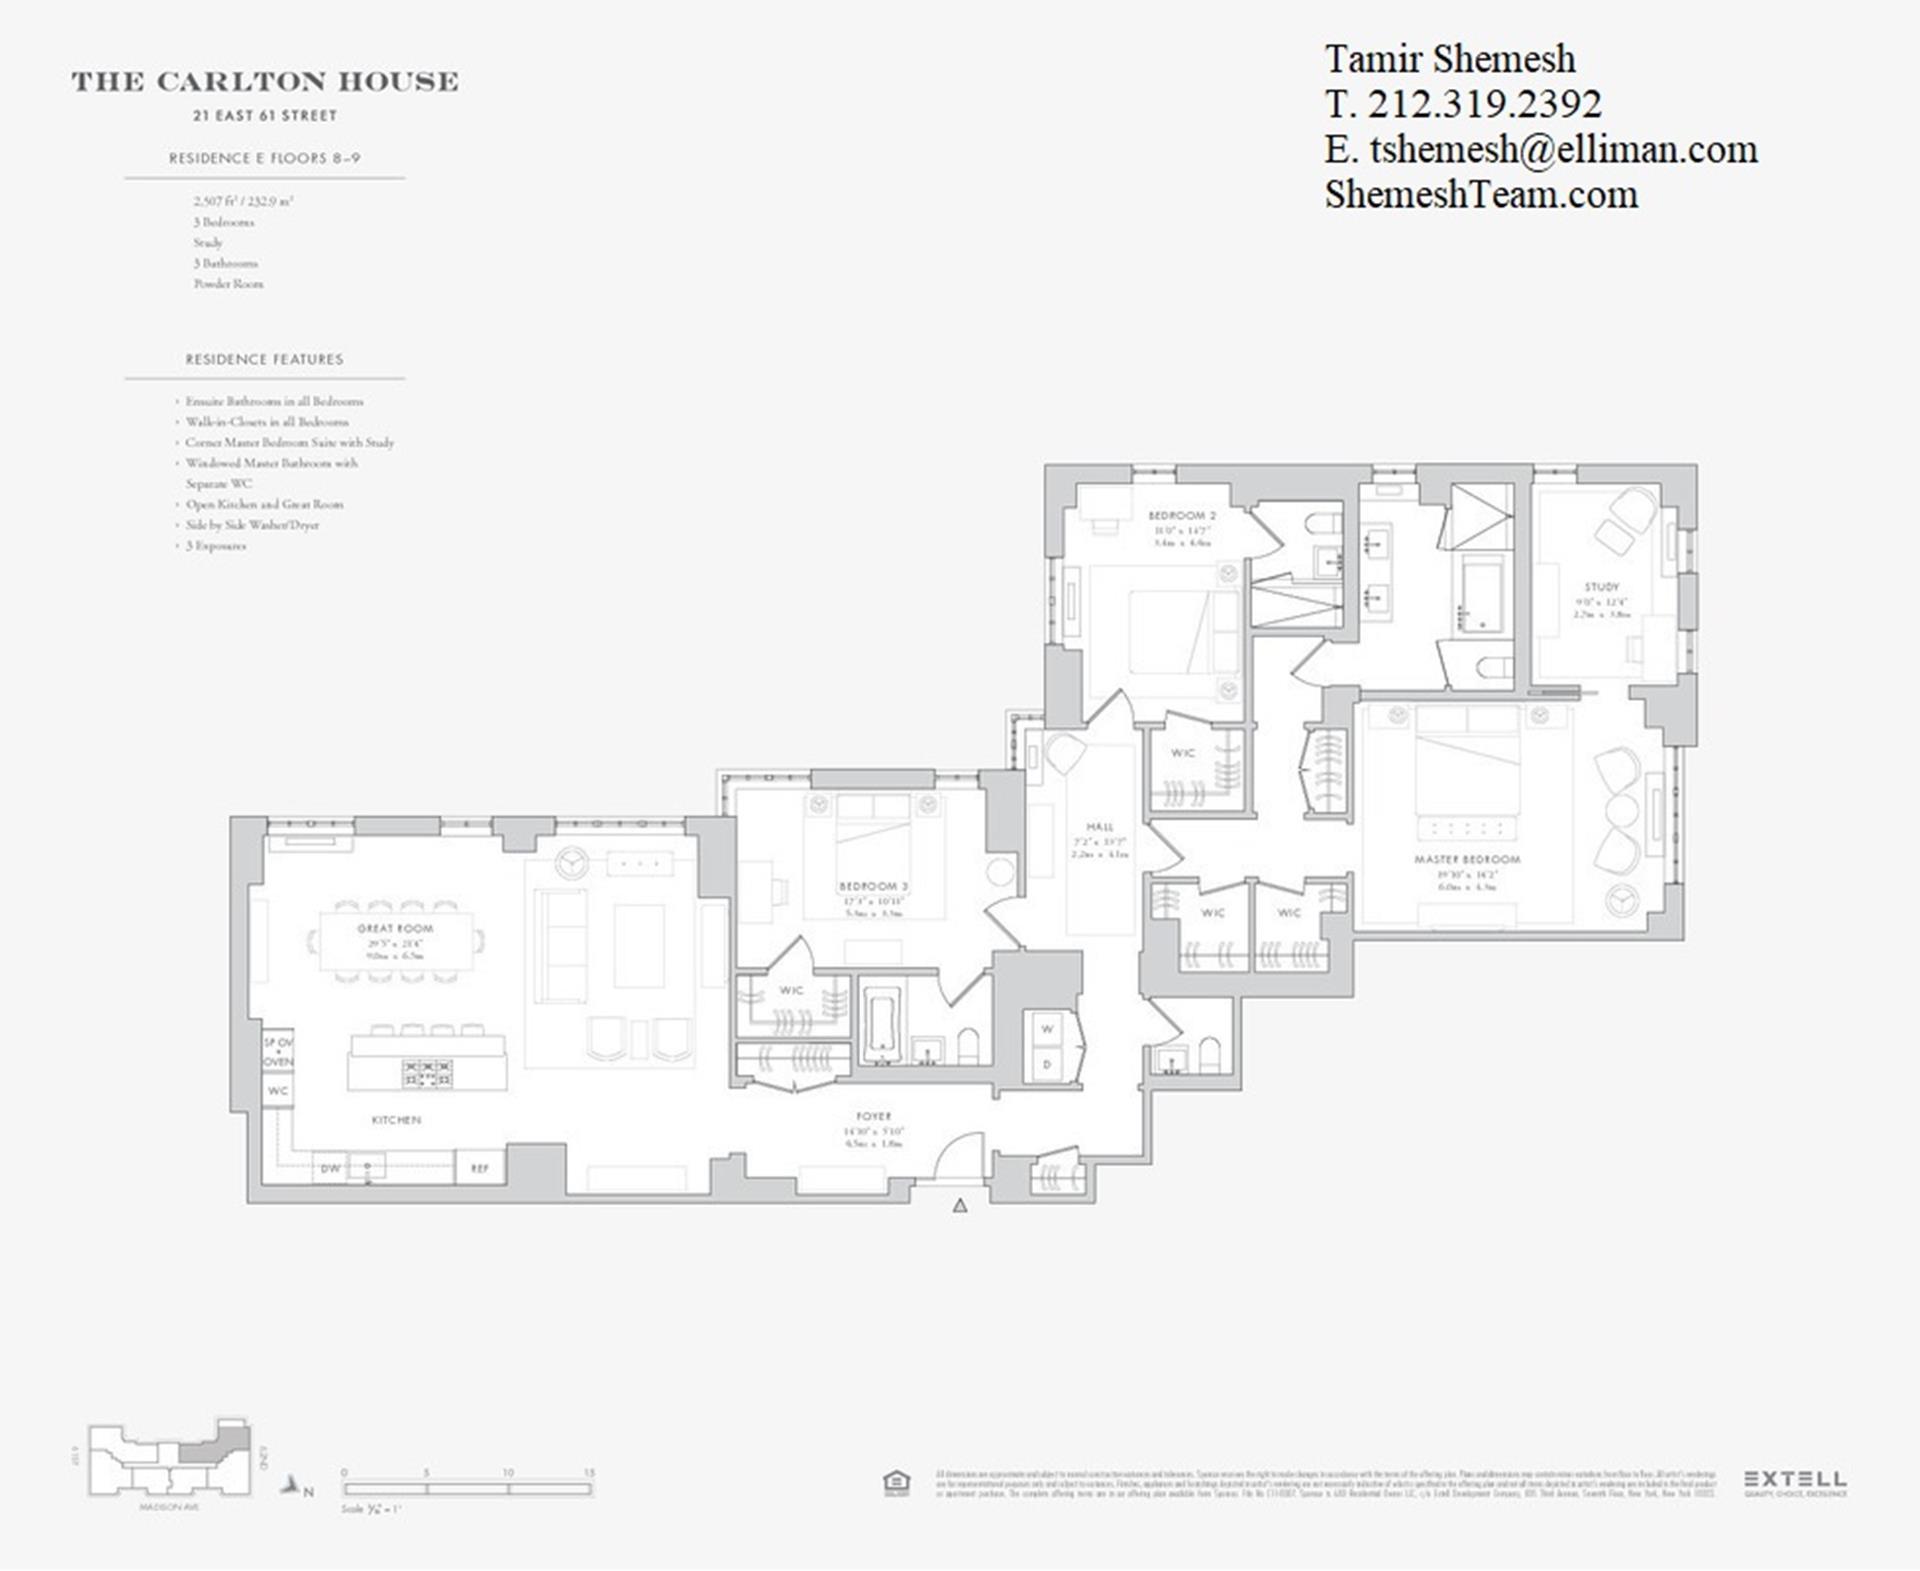 Floor plan of The Carlton House, 21 East 61st St, 8E - Upper East Side, New York